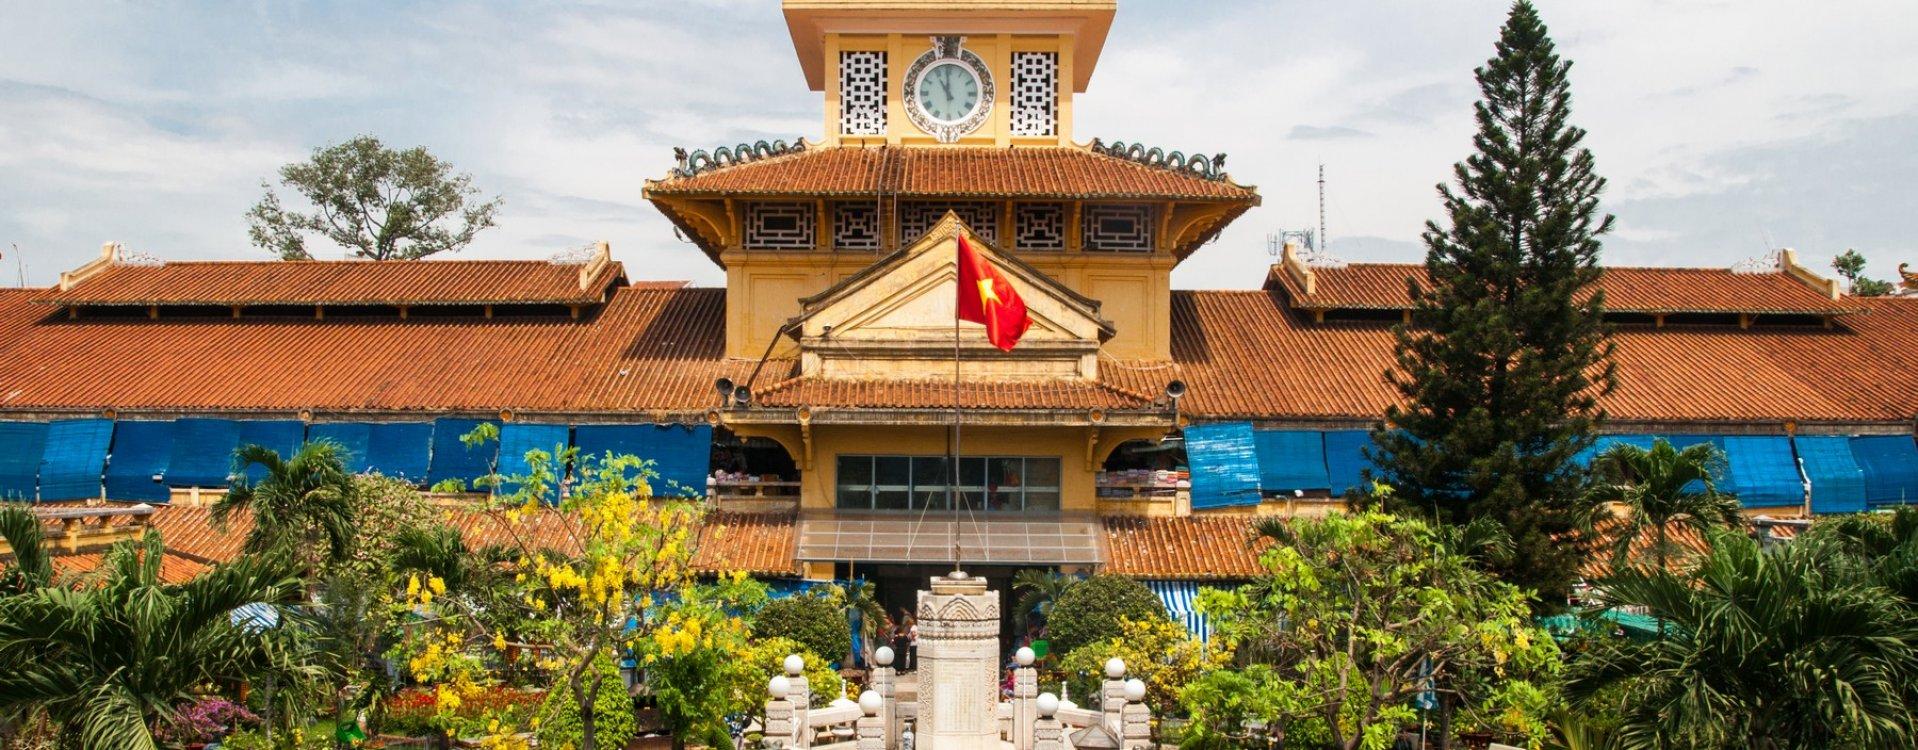 Binh Tay markt in Ho Chi Minh City